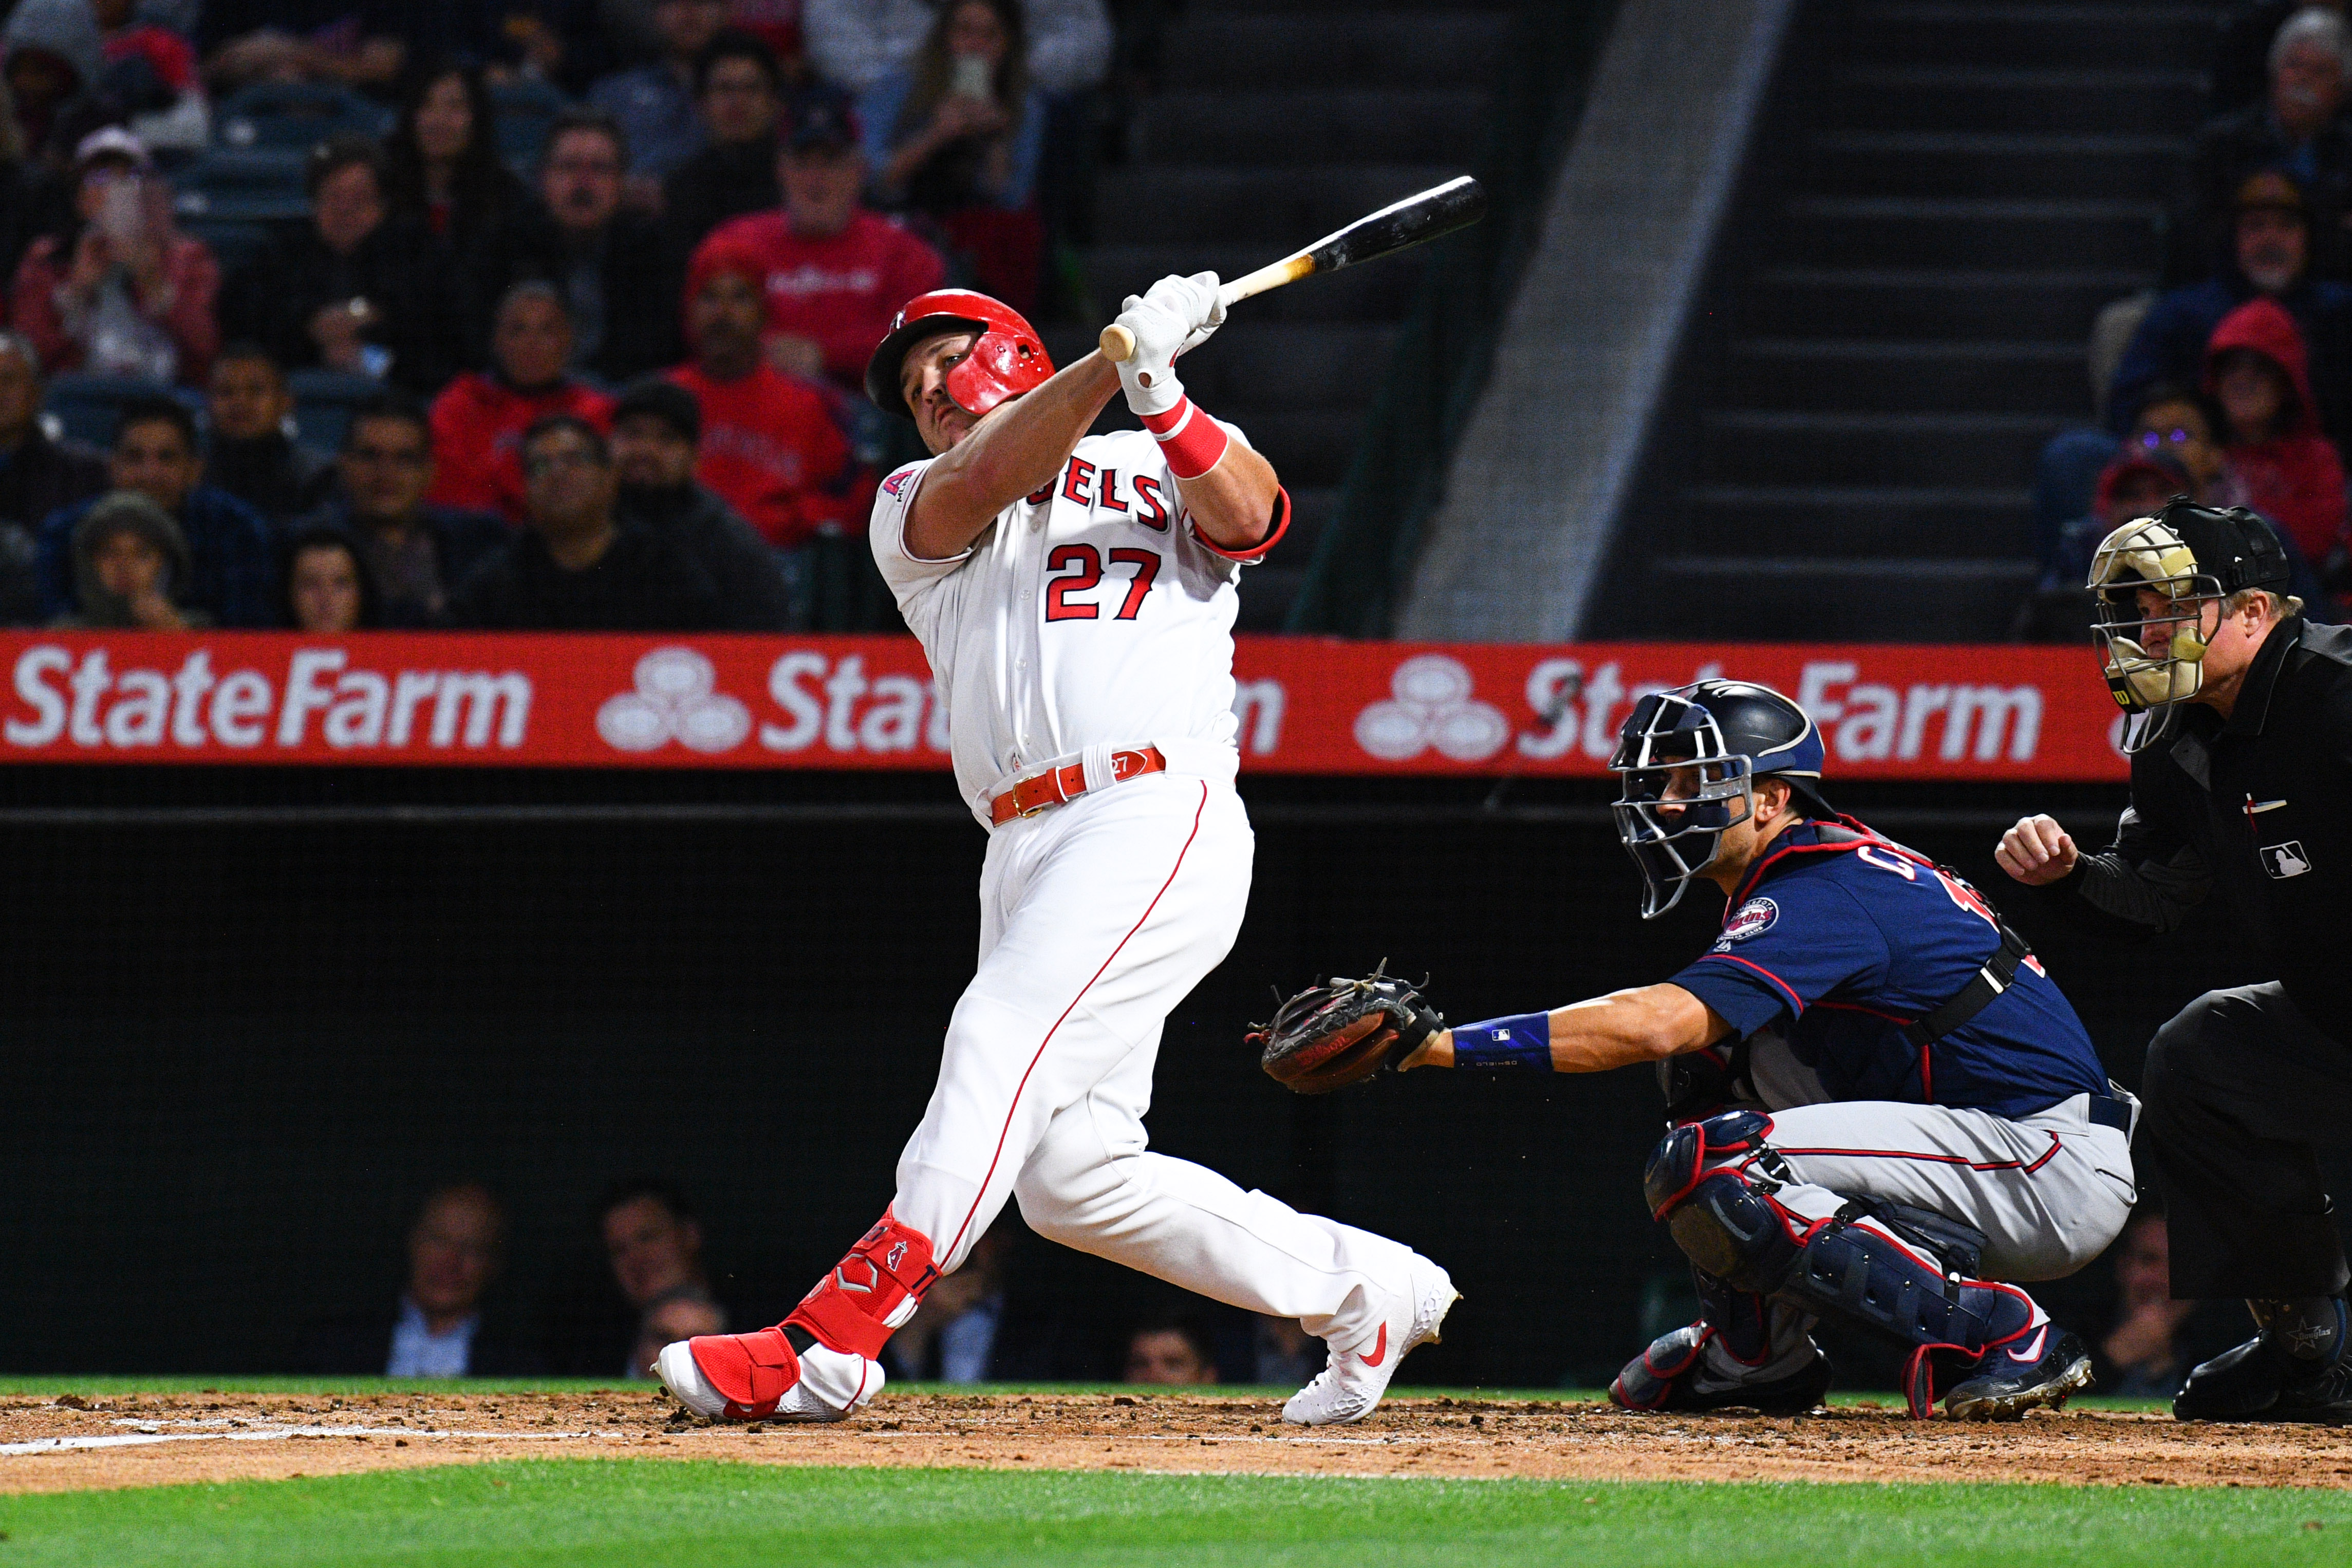 MLB: MAY 21 Twins at Angels